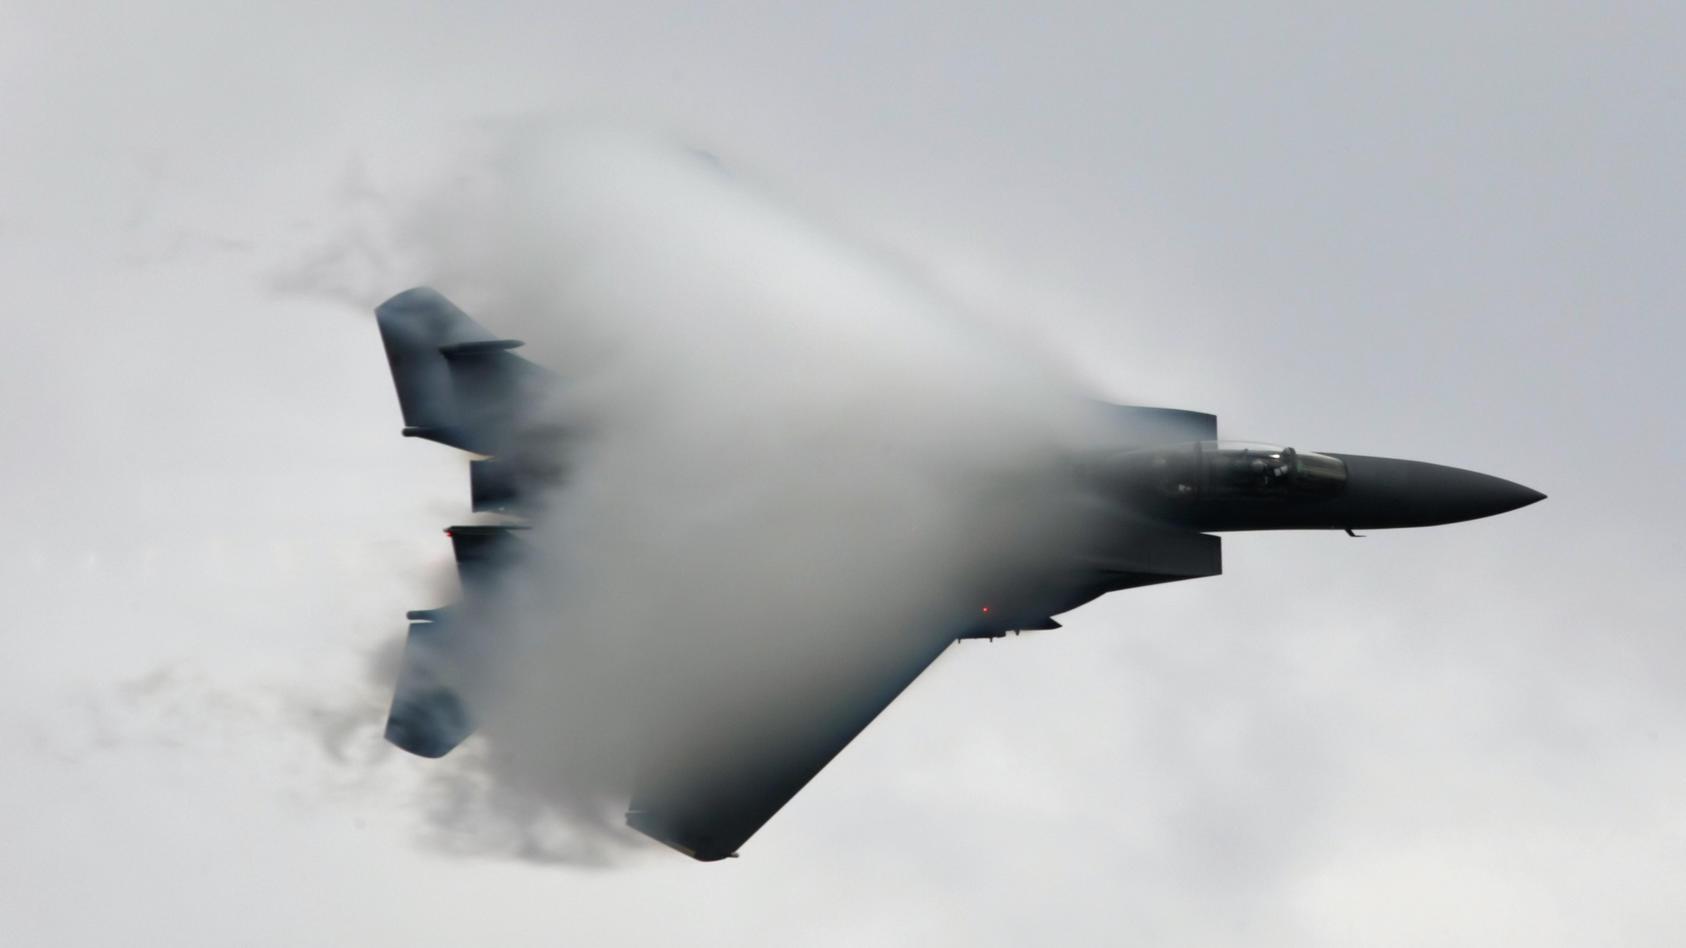 Einsatz in der Luft: Die beiden Eurofighter der Bundeswehr haben eine Zivilmaschine verfolgt, zu der der Funkkontakt abgebrochen war. (Archivfoto)